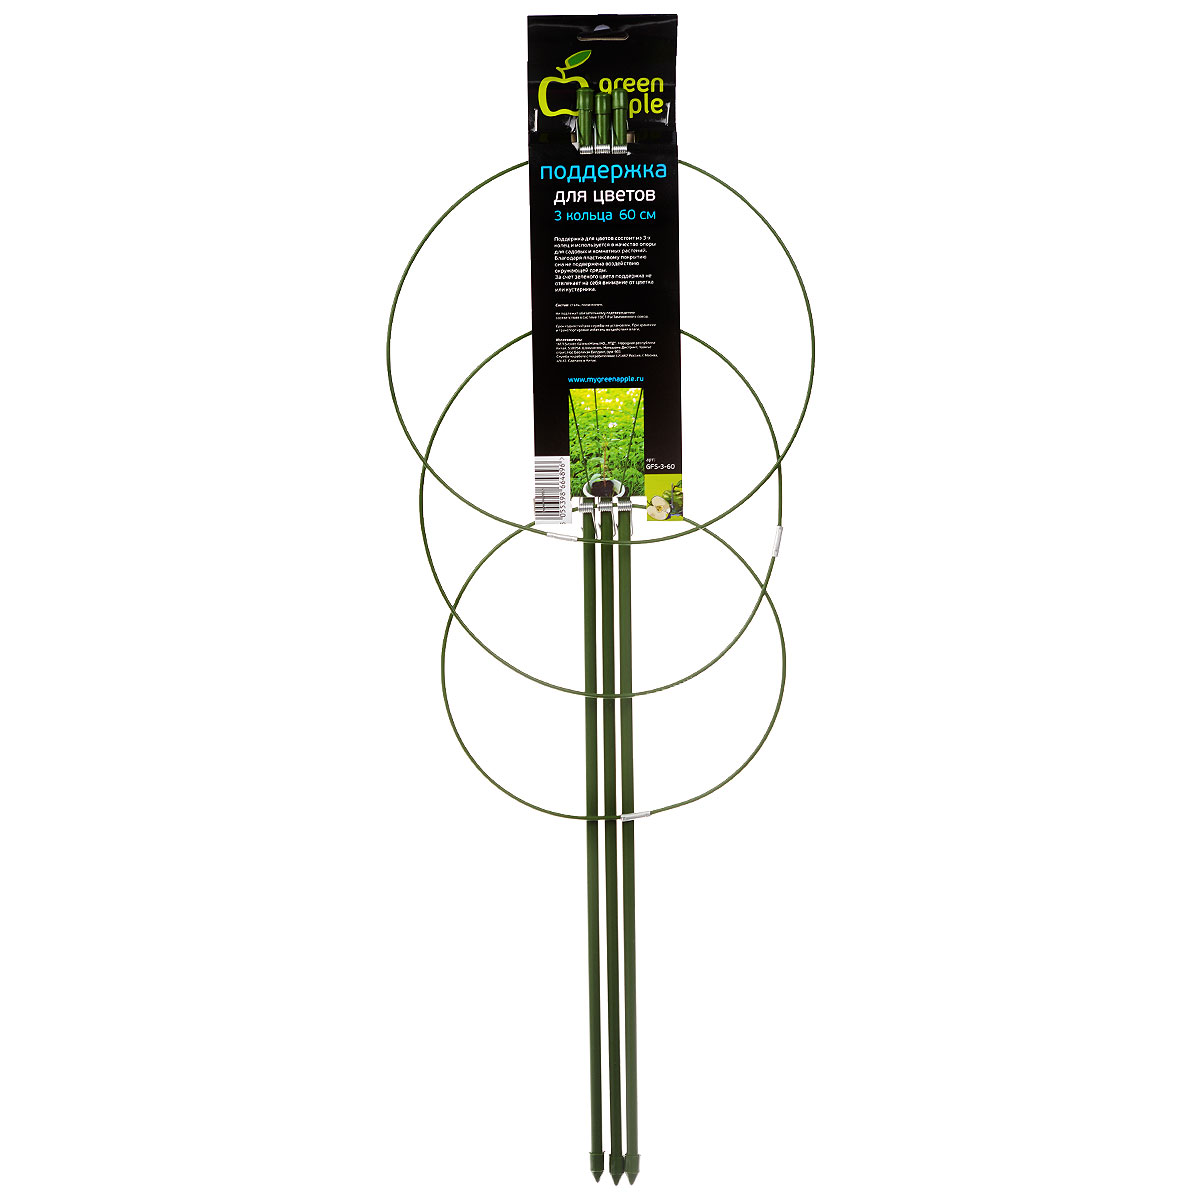 Поддержка для цветов 3 кольца Green Apple GFS-3-60, 60 смSS 4041Поддержка для цветов состоит из 3-х колец и используется в качестве опоры для садовых и комнатных растений. Благодаря пластиковому покрытию она не подвержена воздействию окружающей среды. За счет зеленого цвета поддержка не отвлекает на себя внимание от цветка или кустарника.